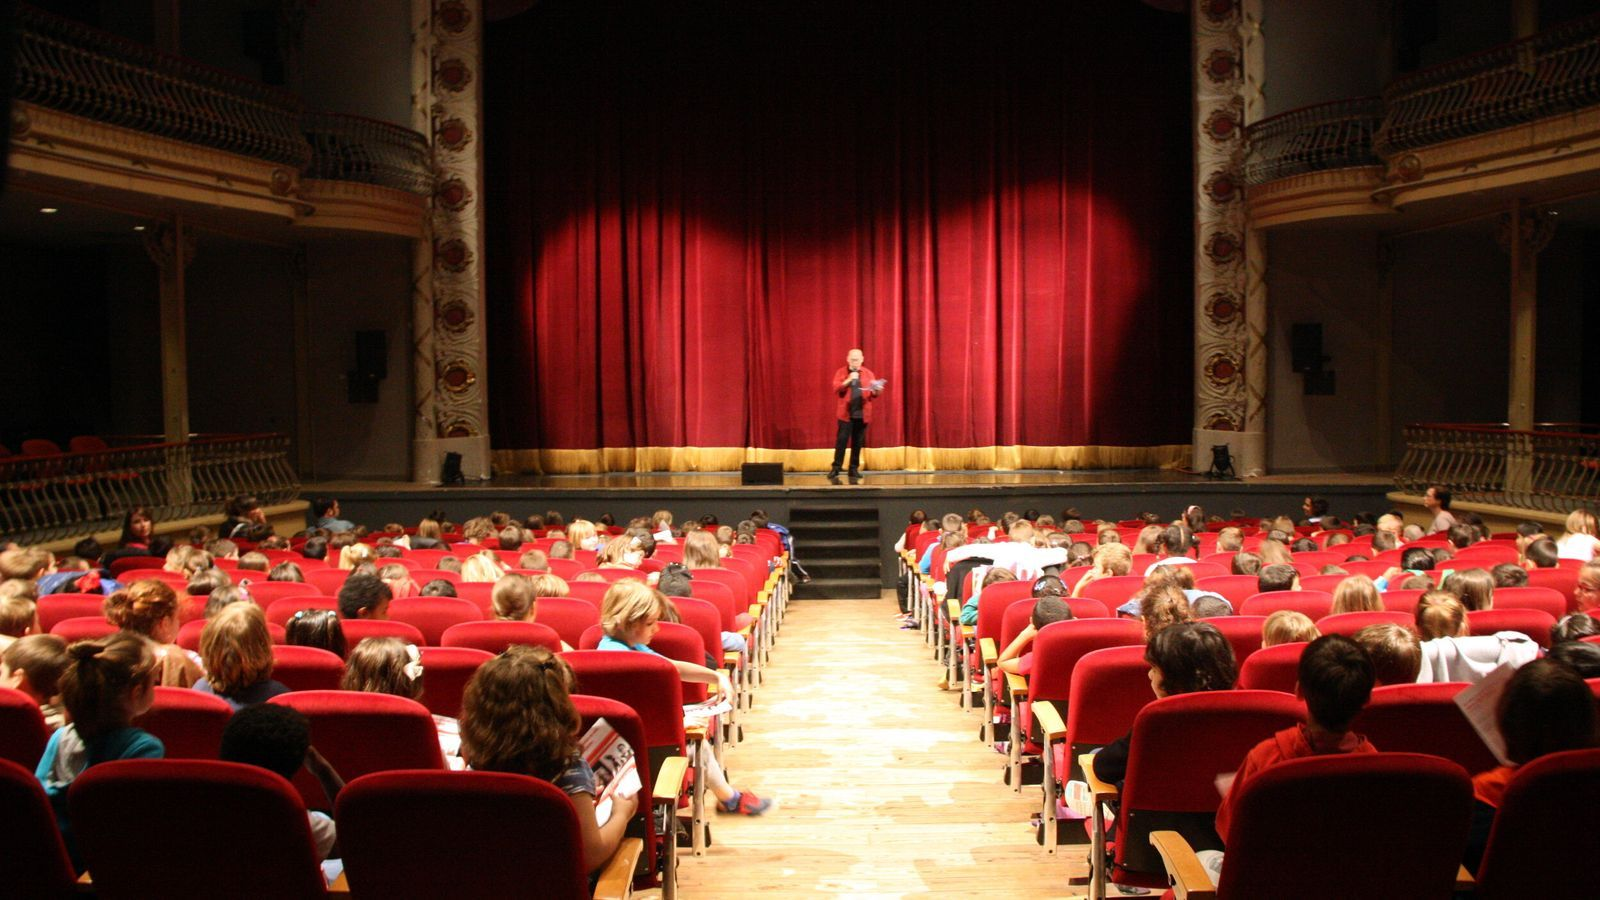 El Teatre Municipal Ateneu d'Igualada en una imatge d'arxiu.